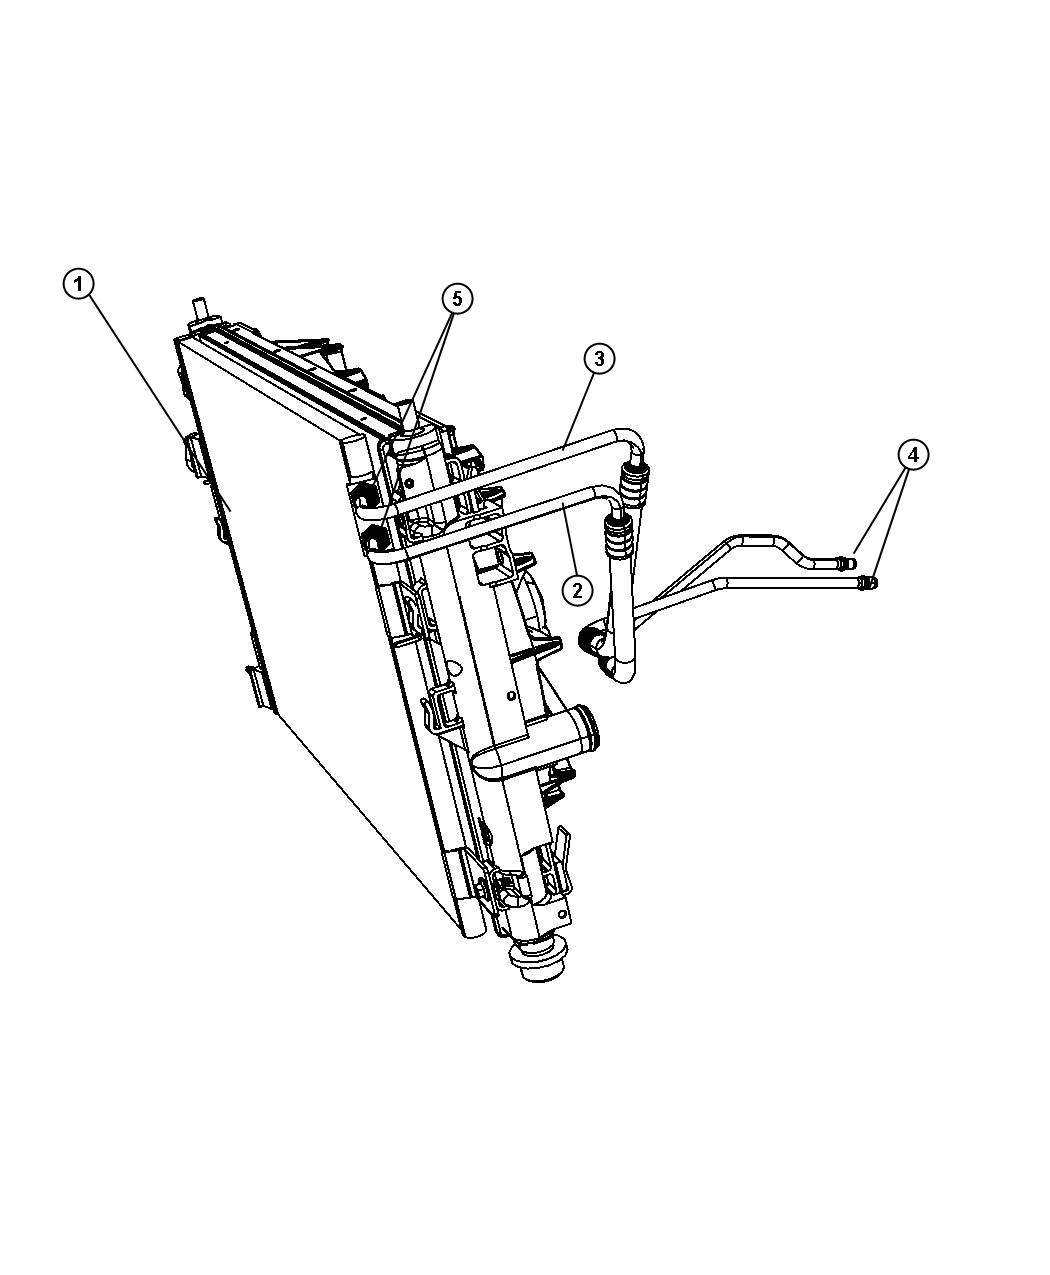 2007 chrysler aspen fuse diagram wiring fender blacktop stratocaster diagrams 2008 auto